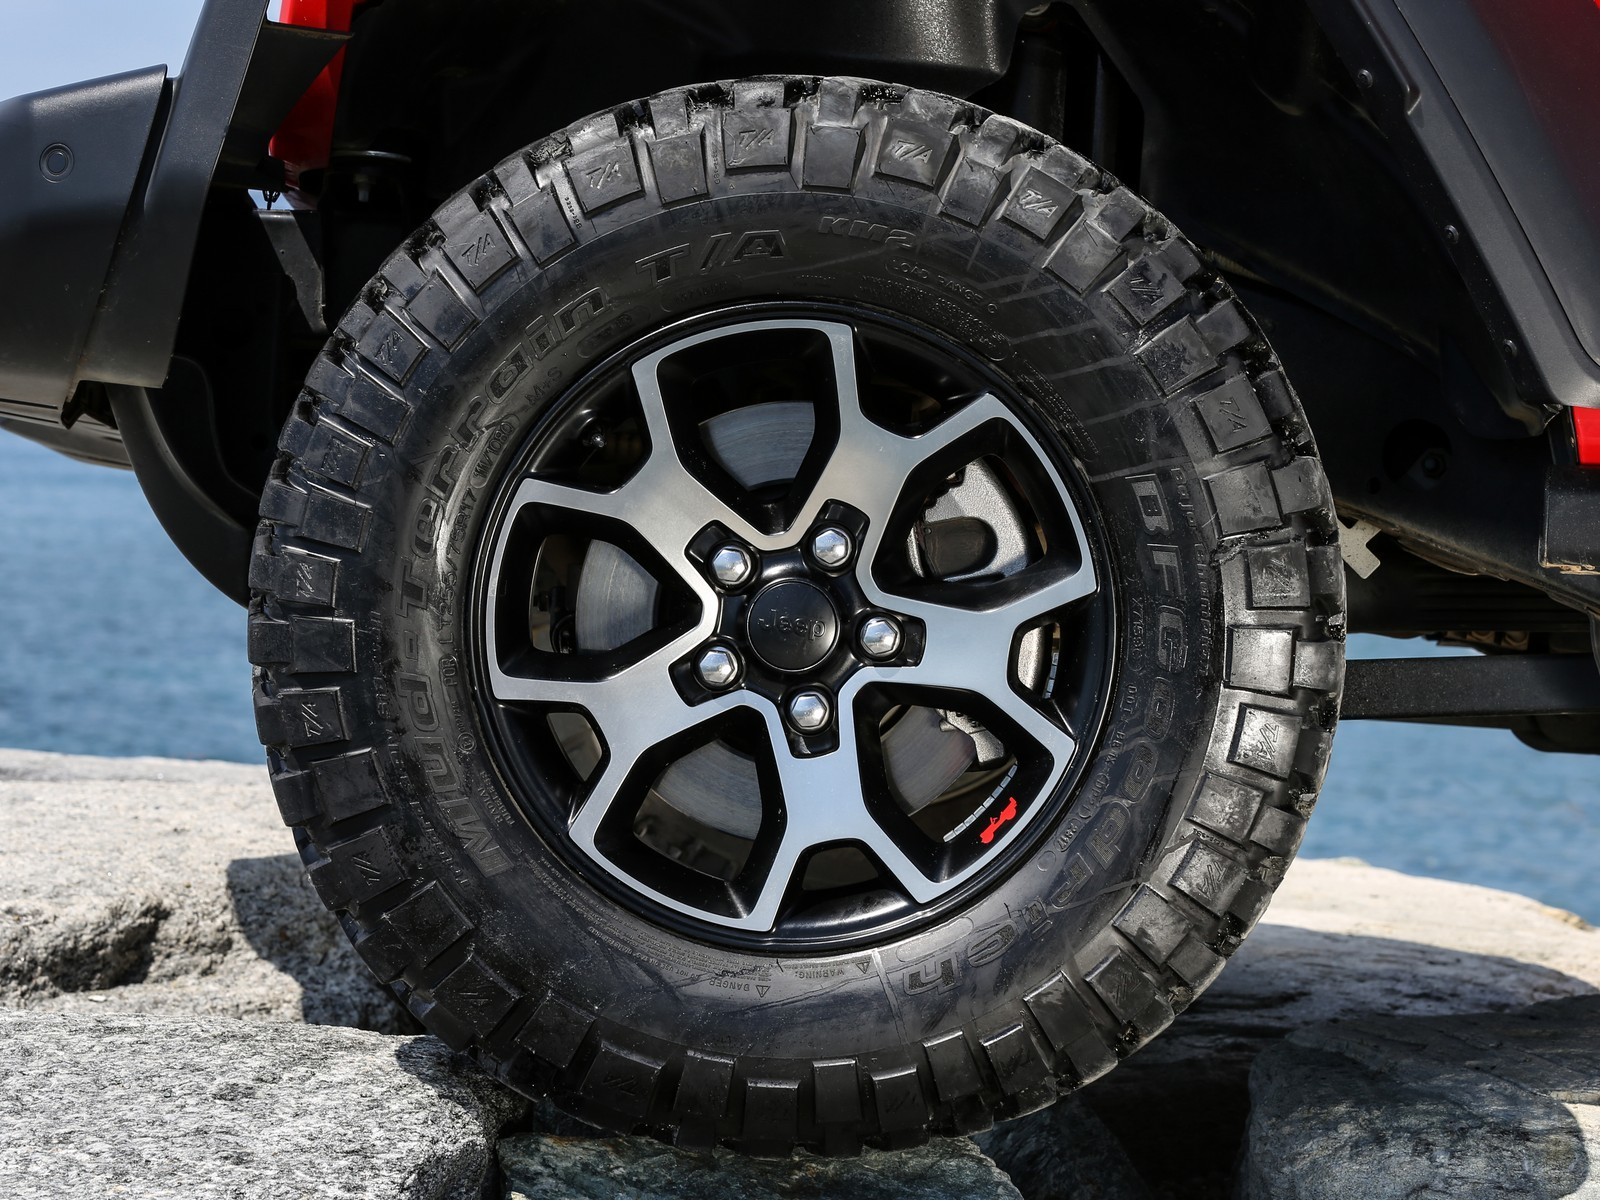 Jeep Wrangler interiores y detalles